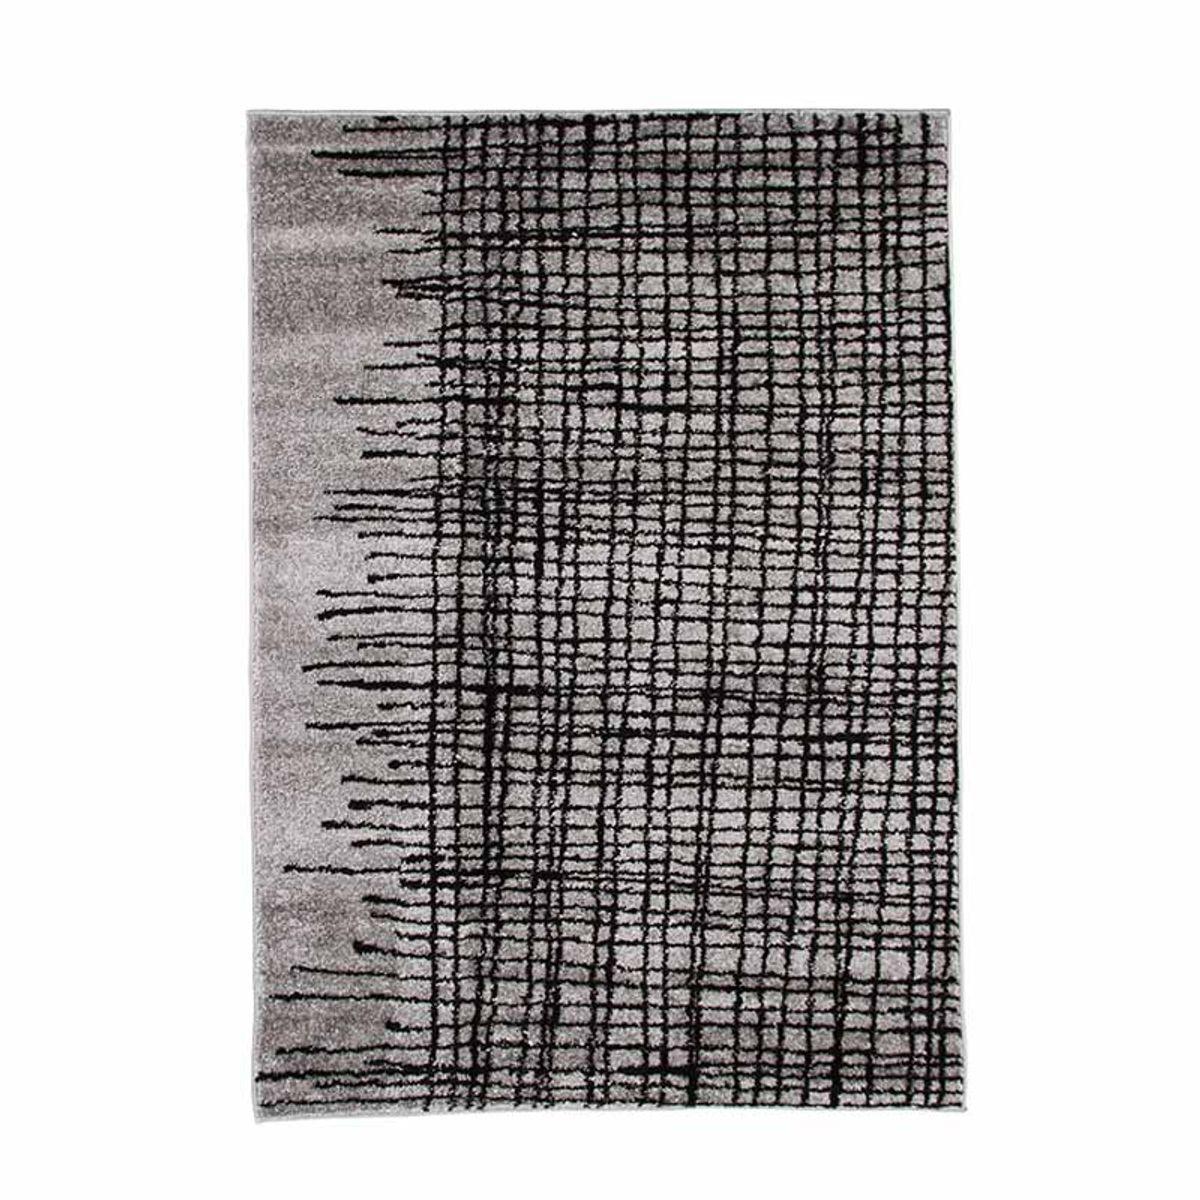 TheDecoFactory ABSTRACT - Tapis poils courts imprimé lignes croisées gris 120x170 Gris